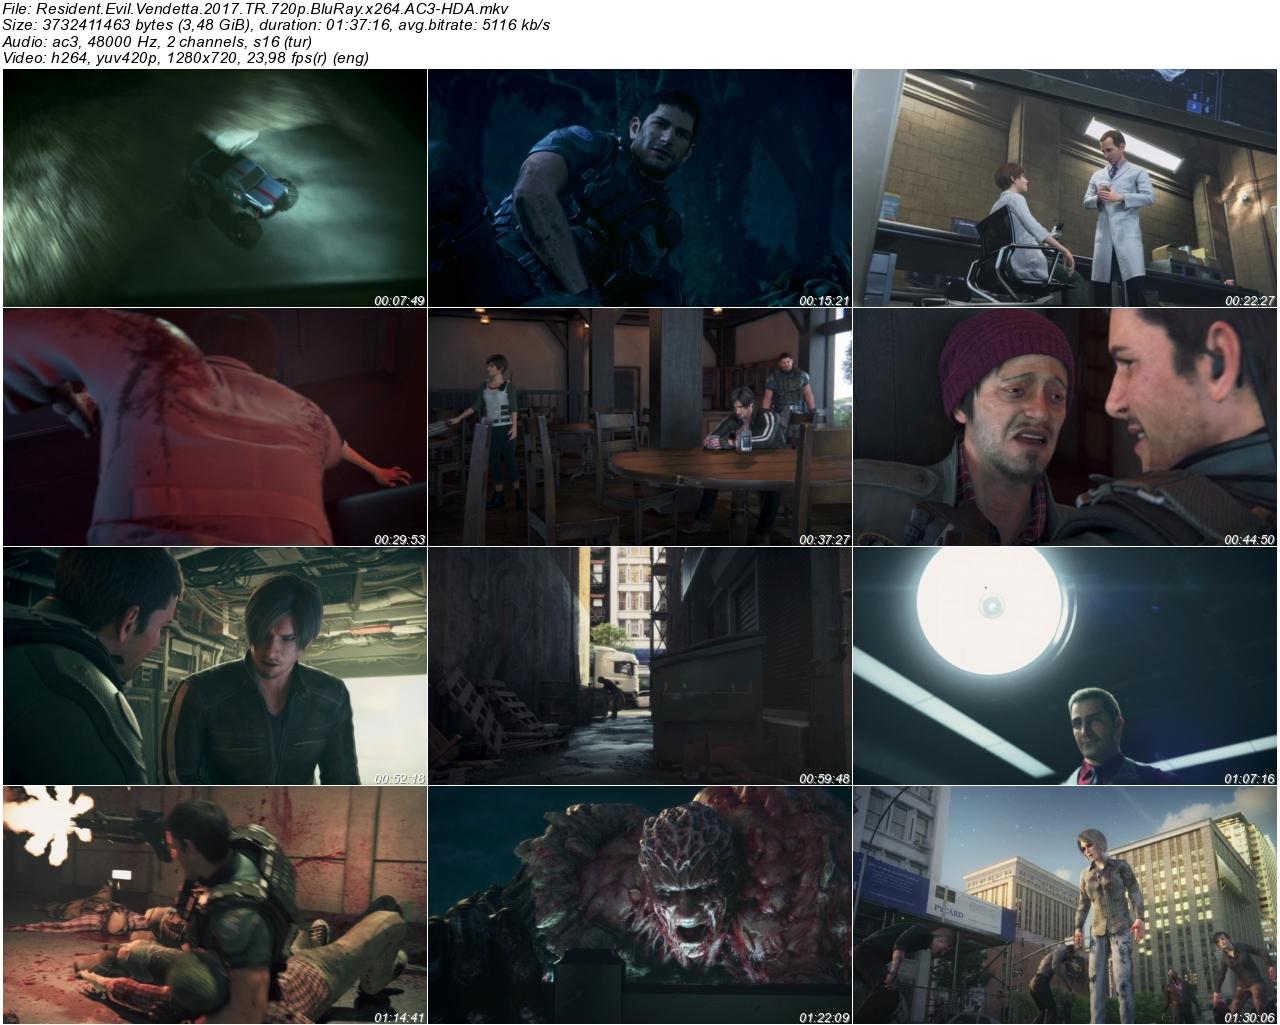 Resident Evil Vendetta 2017 - 1080p 720p 480p - Türkçe Dublaj Tek Link indir